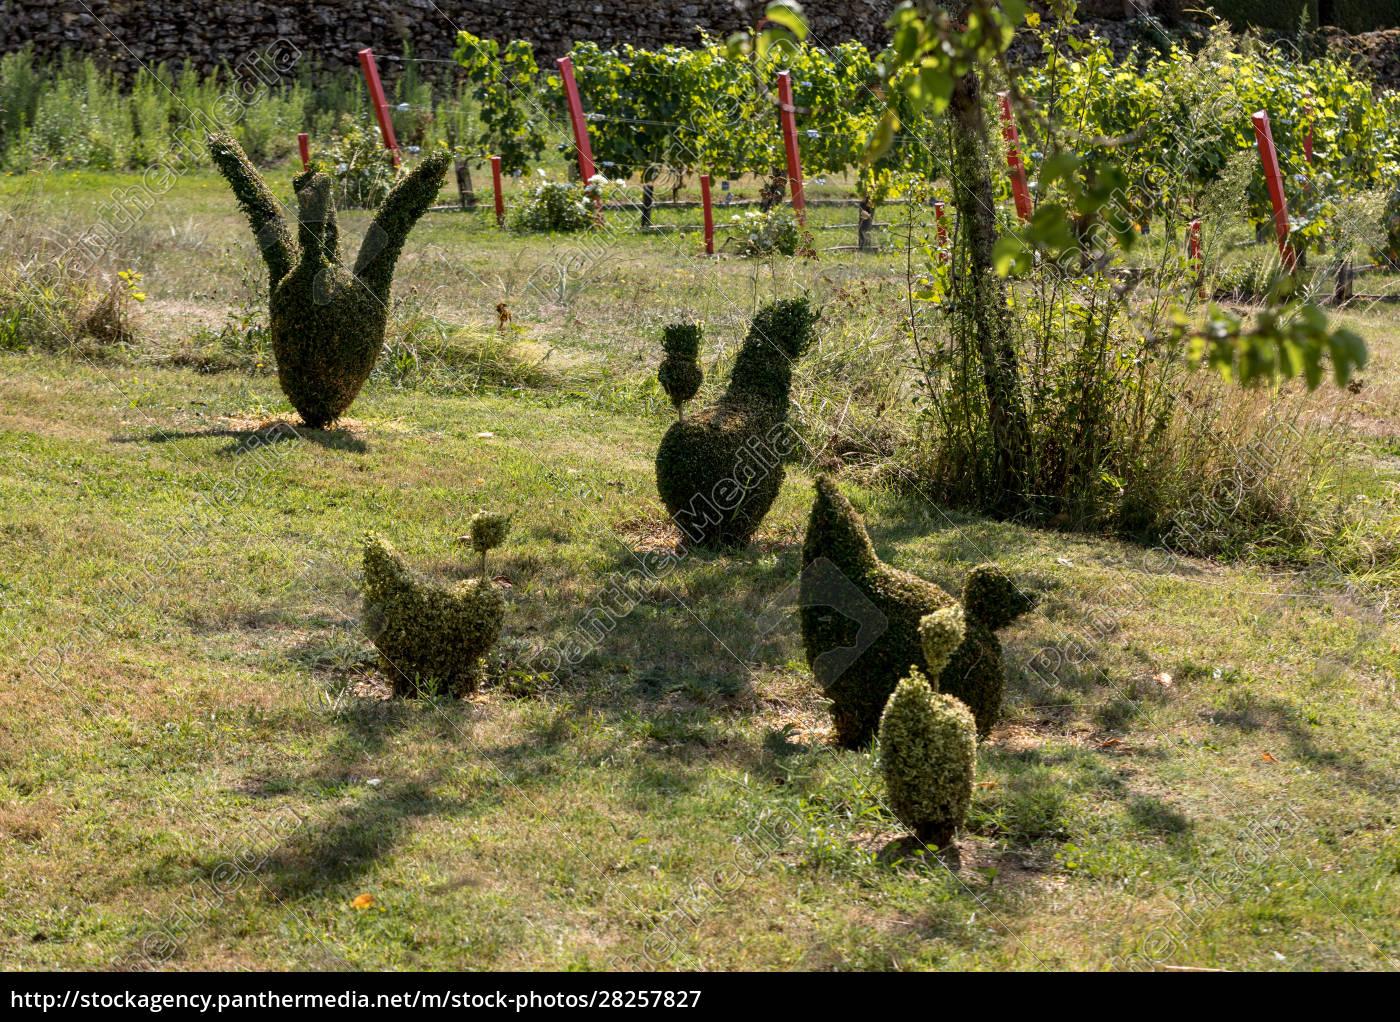 the, picturesque, jardins, du, manoir, d - 28257827